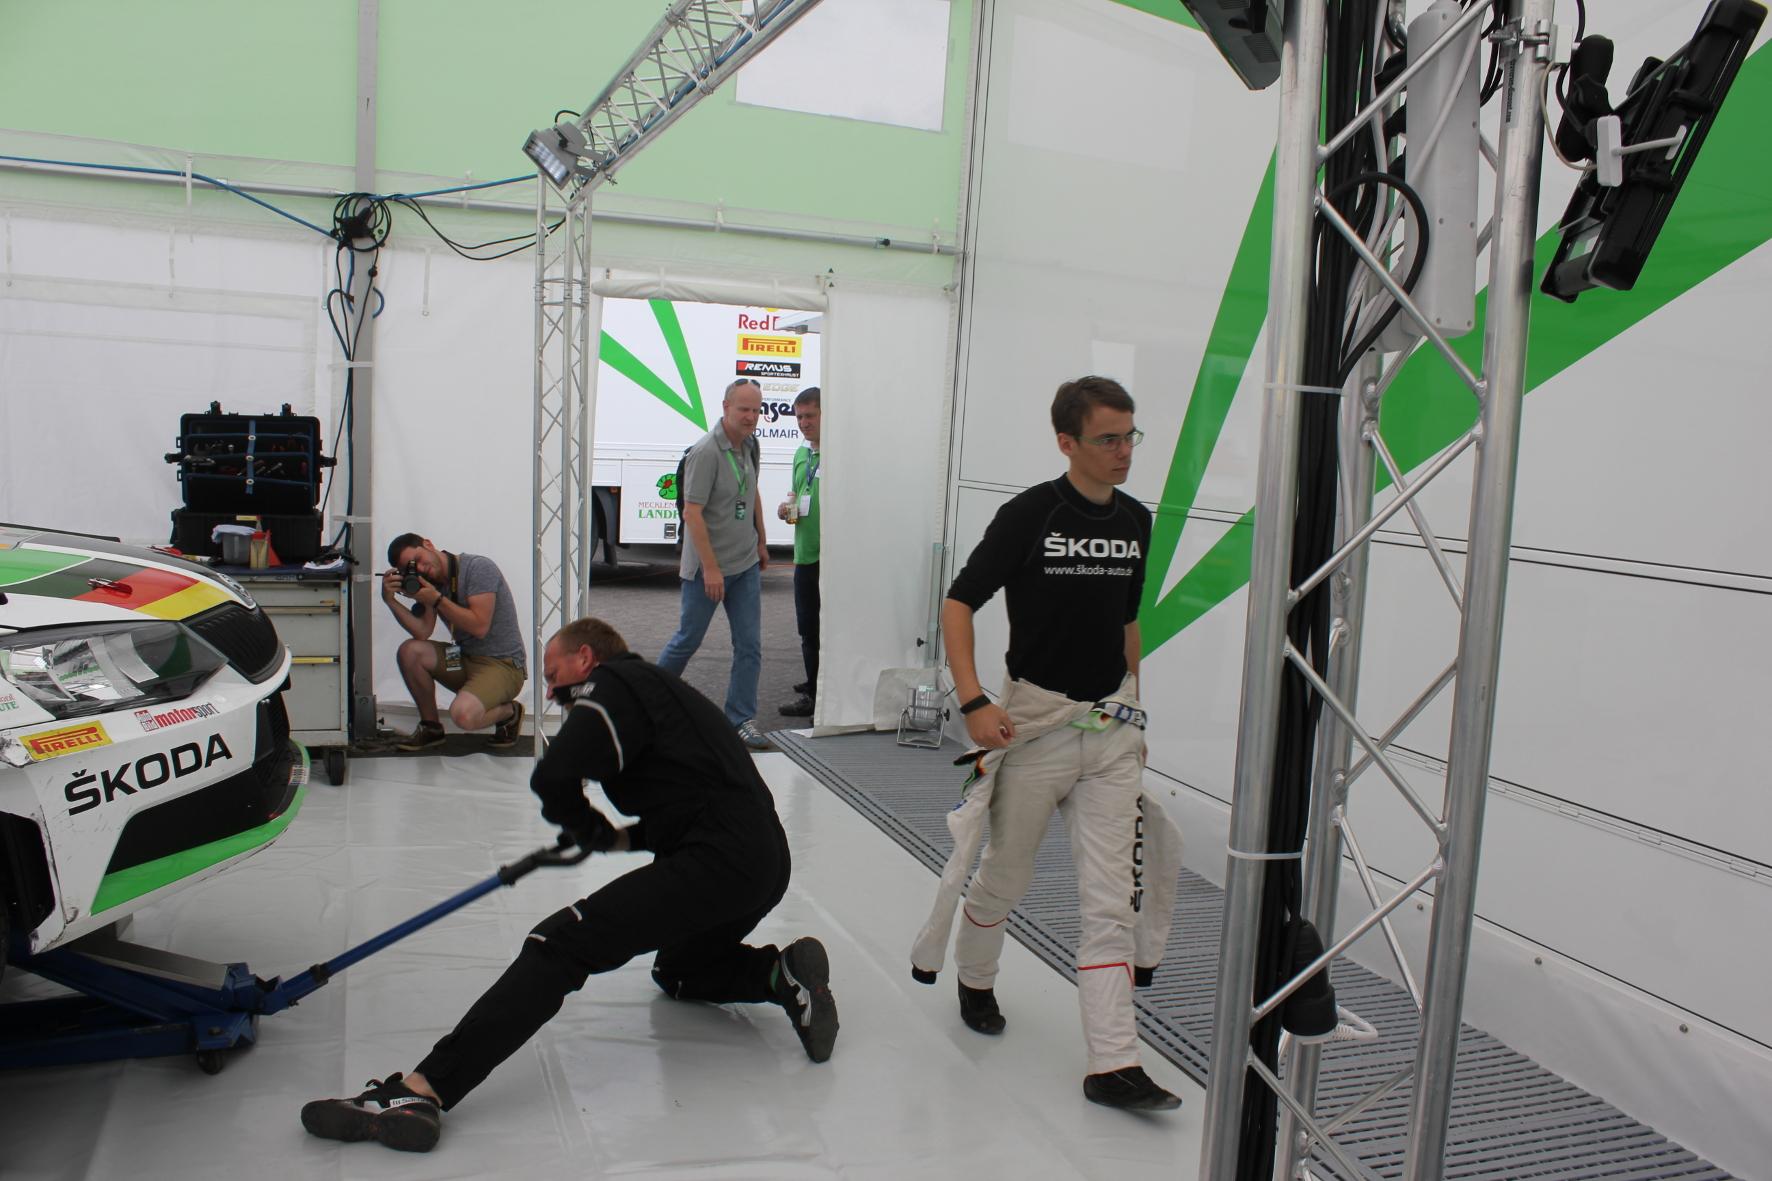 Jetzt muss es schnell gehen: 30 Minuten haben die Mechaniker, um den Fabia R5 von Fabian Kreim (rechts) wieder flott zu machen.